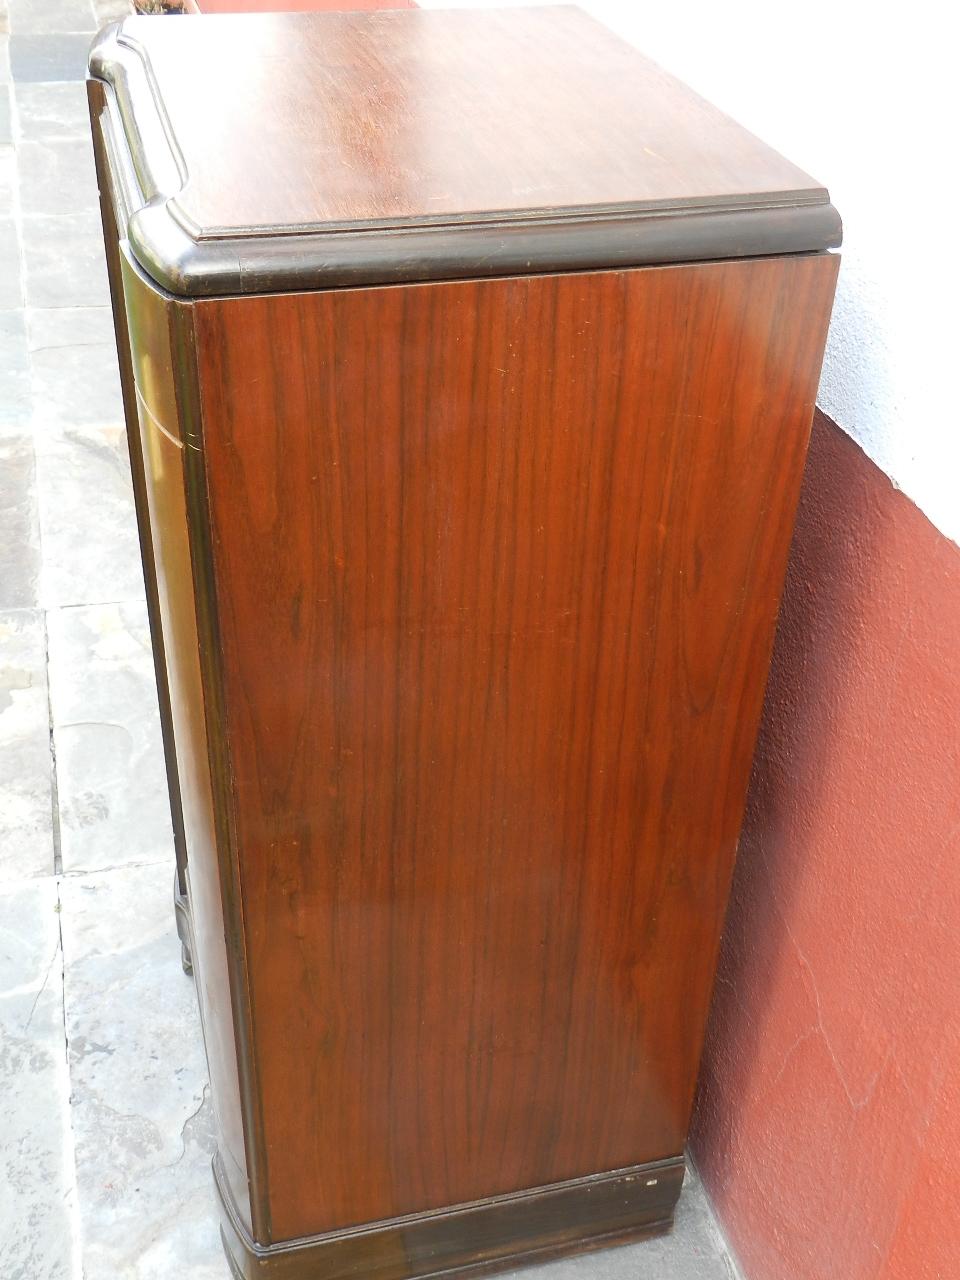 Imagen RADIO GRAMOLA ANDREA AÑO 1940 28558